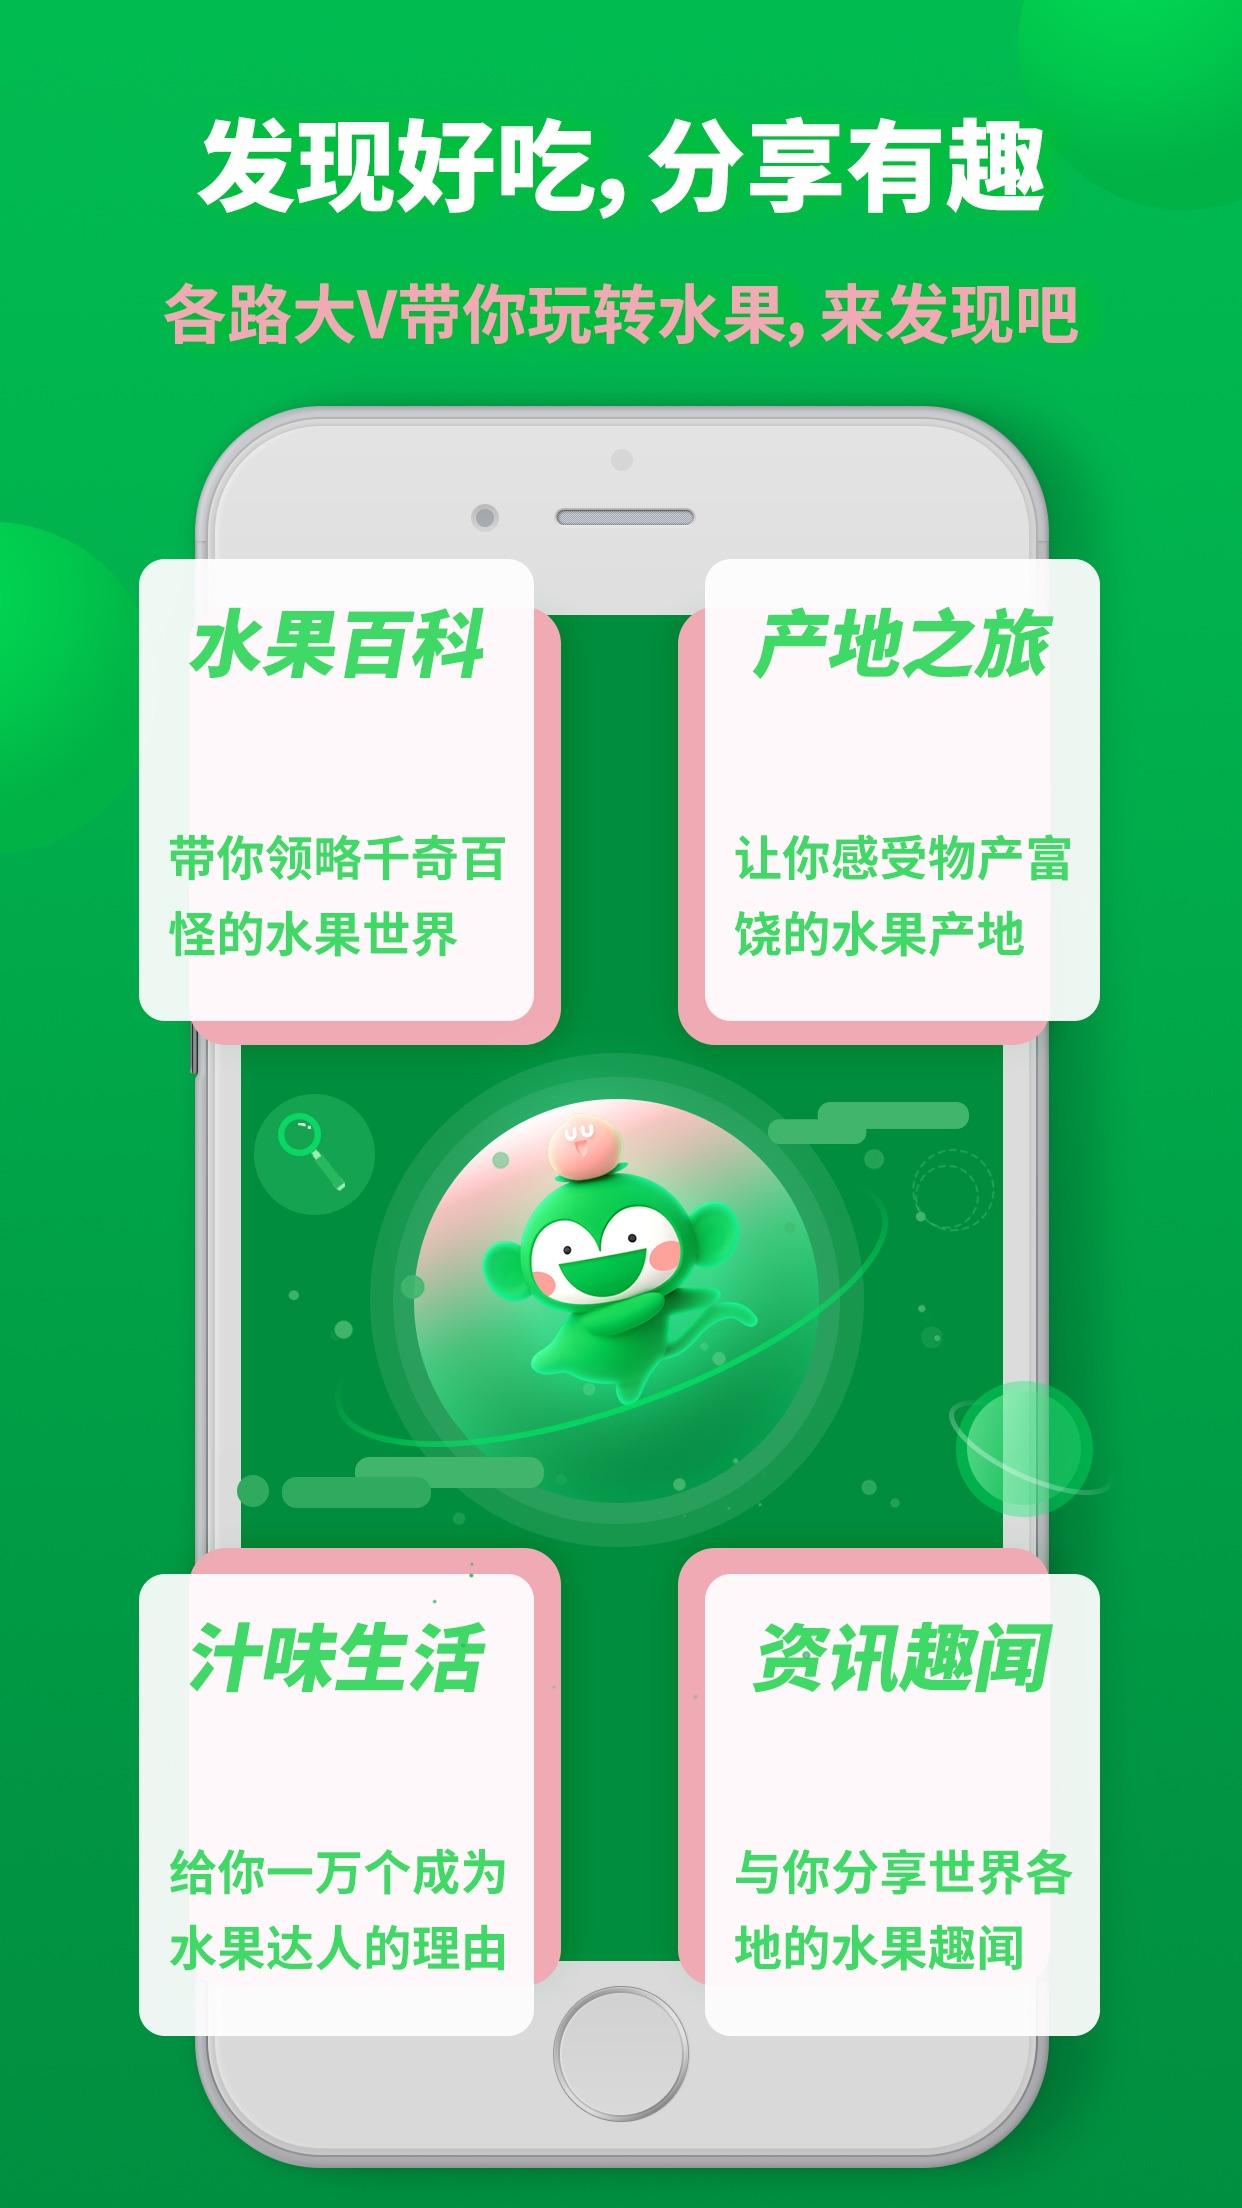 百果园-不好吃三无退货 Screenshot